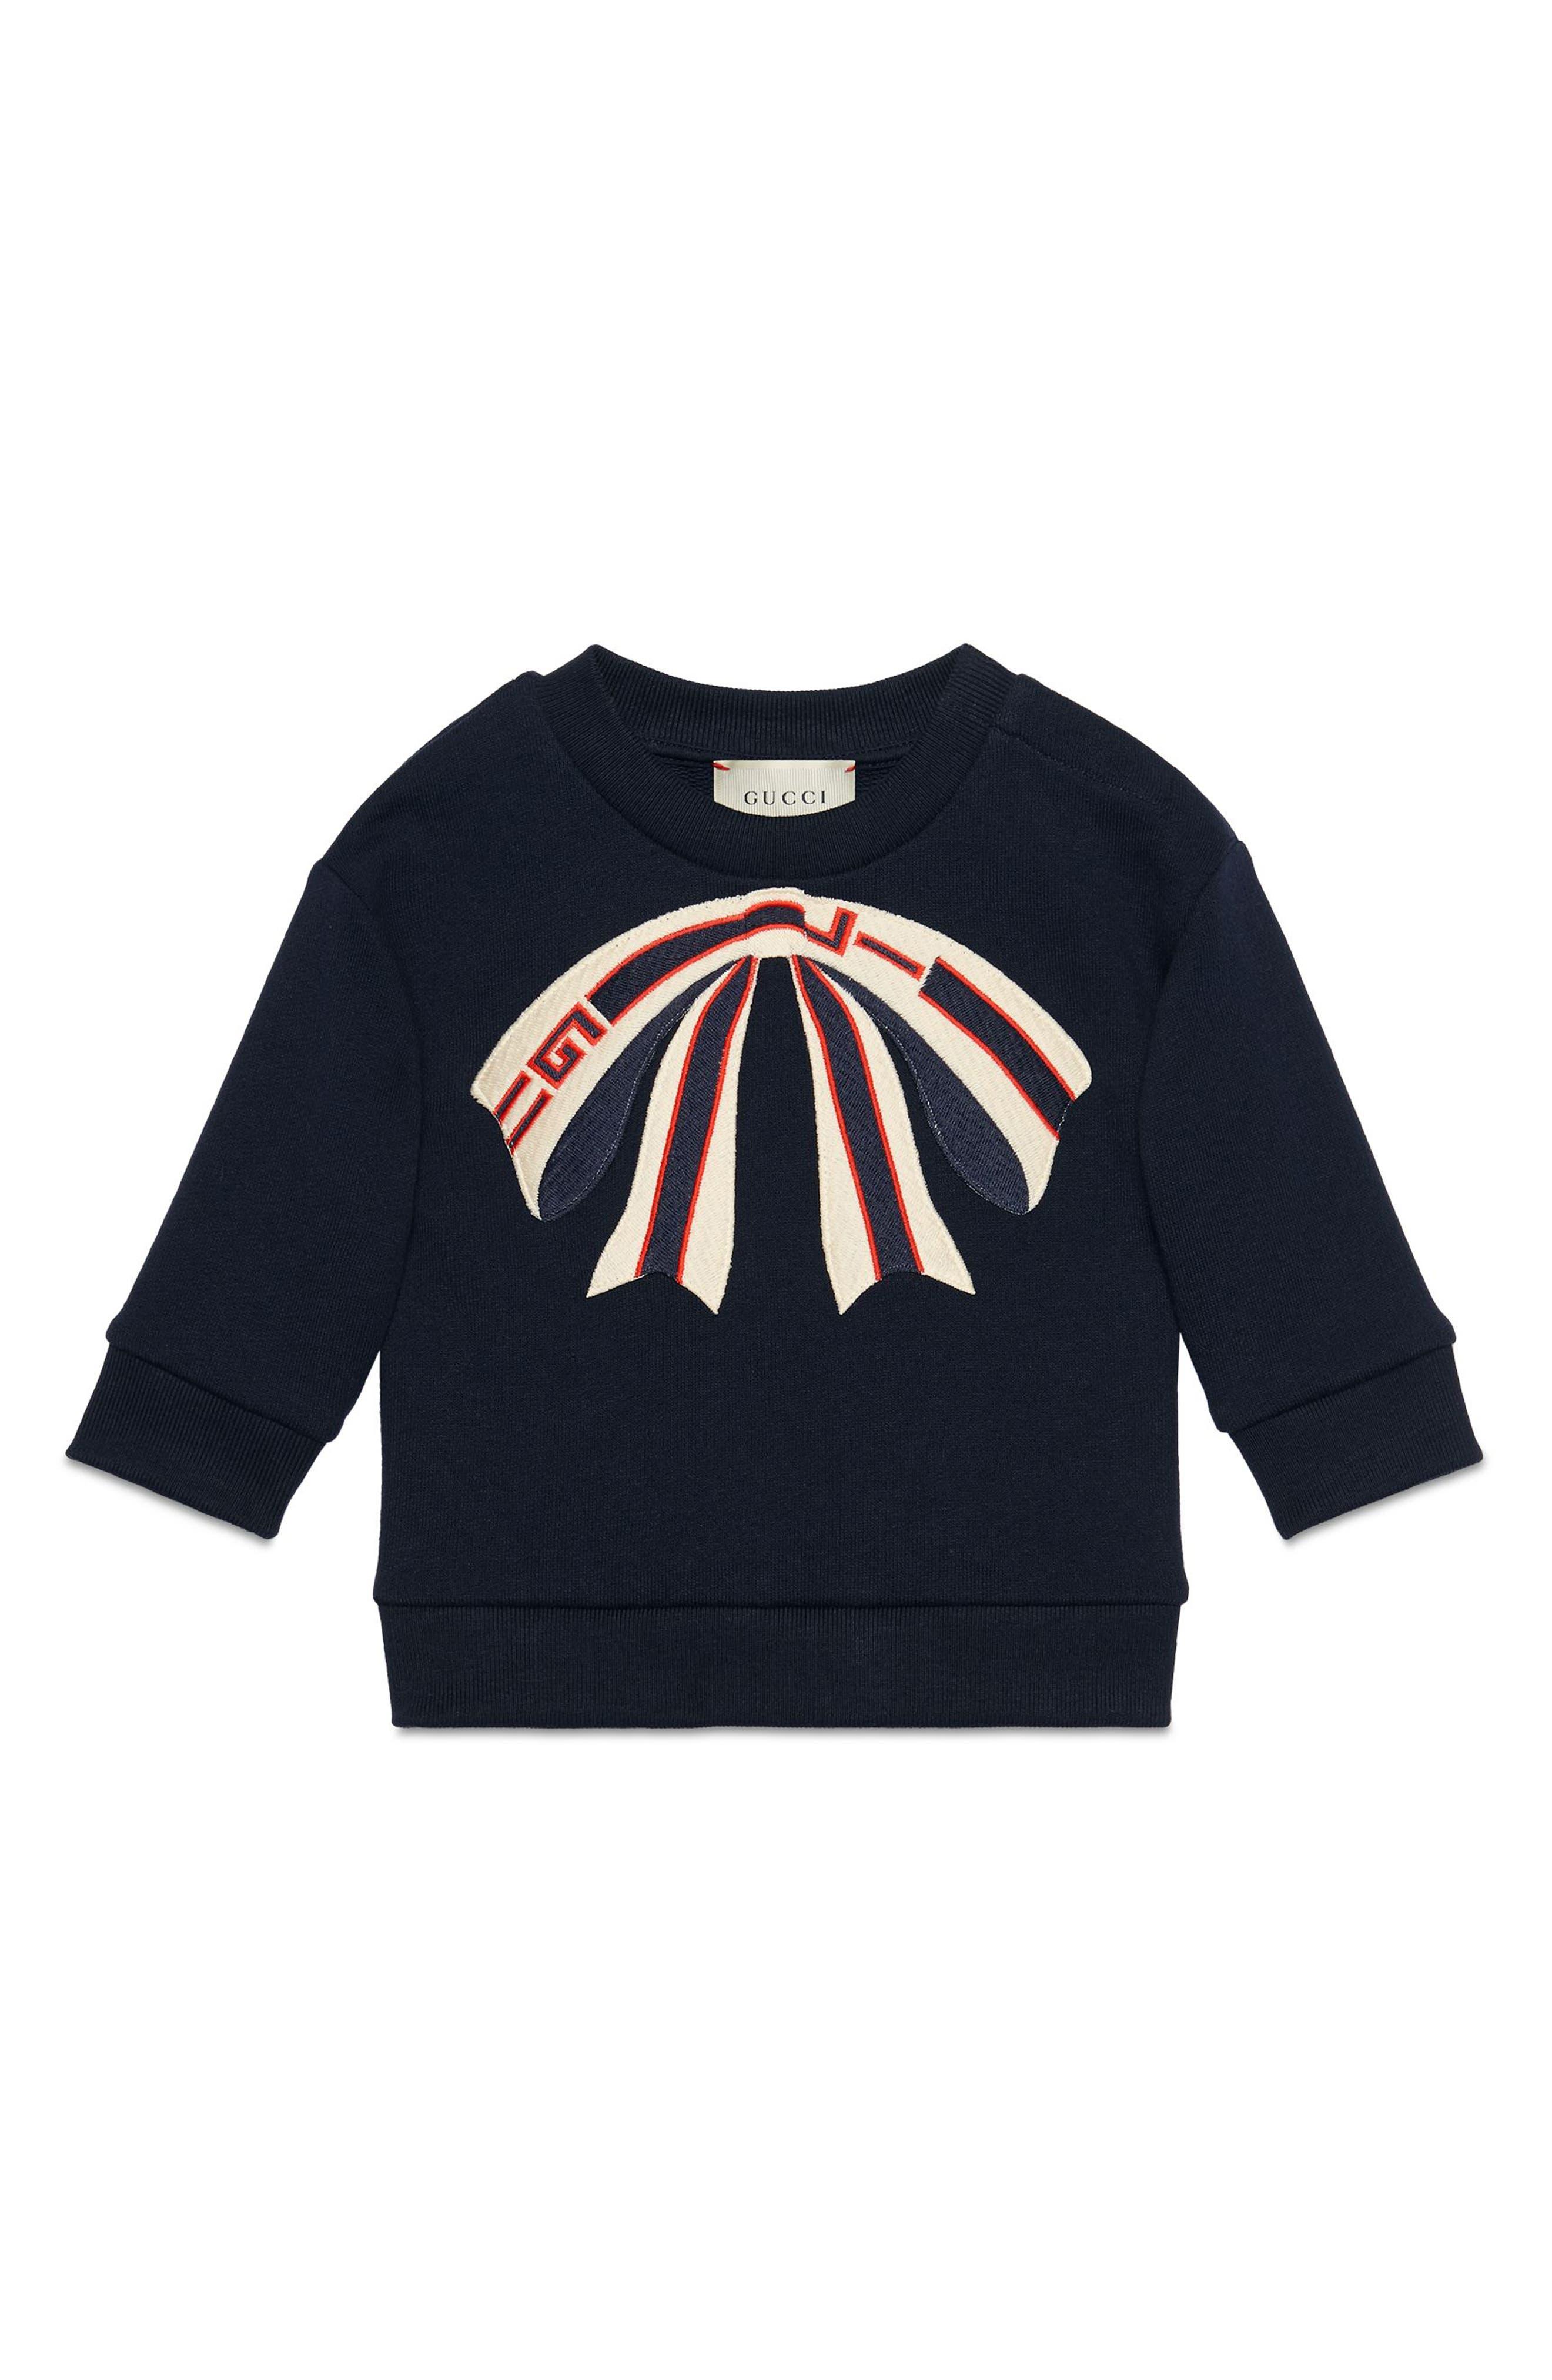 Bow Appliqué Sweatshirt, Main, color, 484